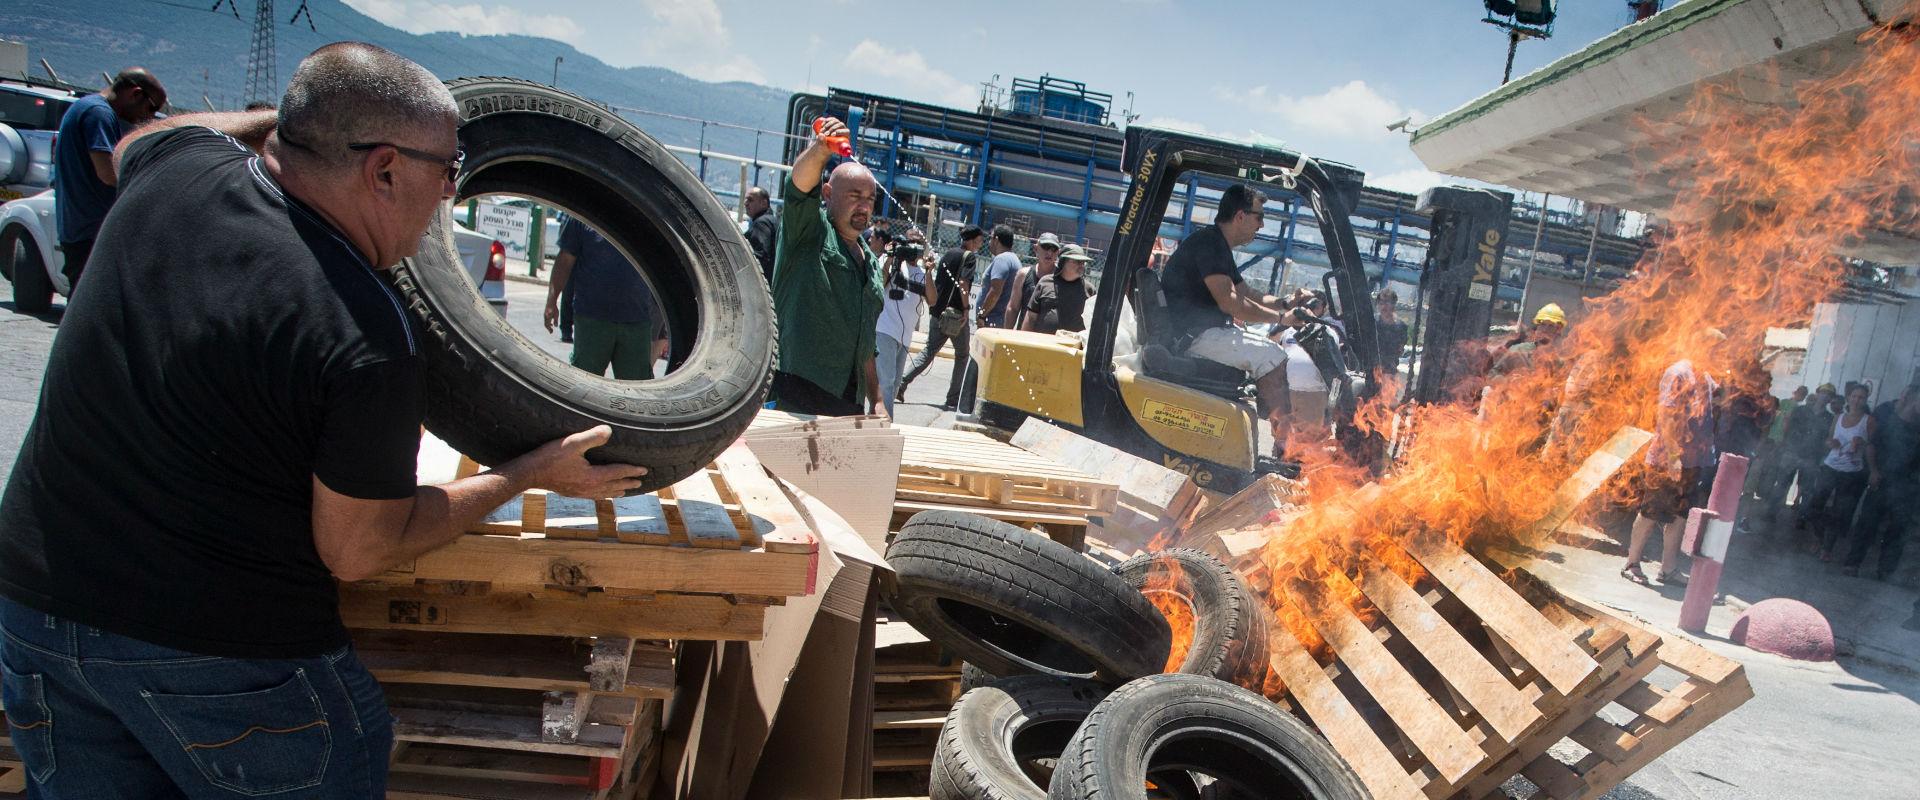 מחאת עובדי חיפה כימיקלים